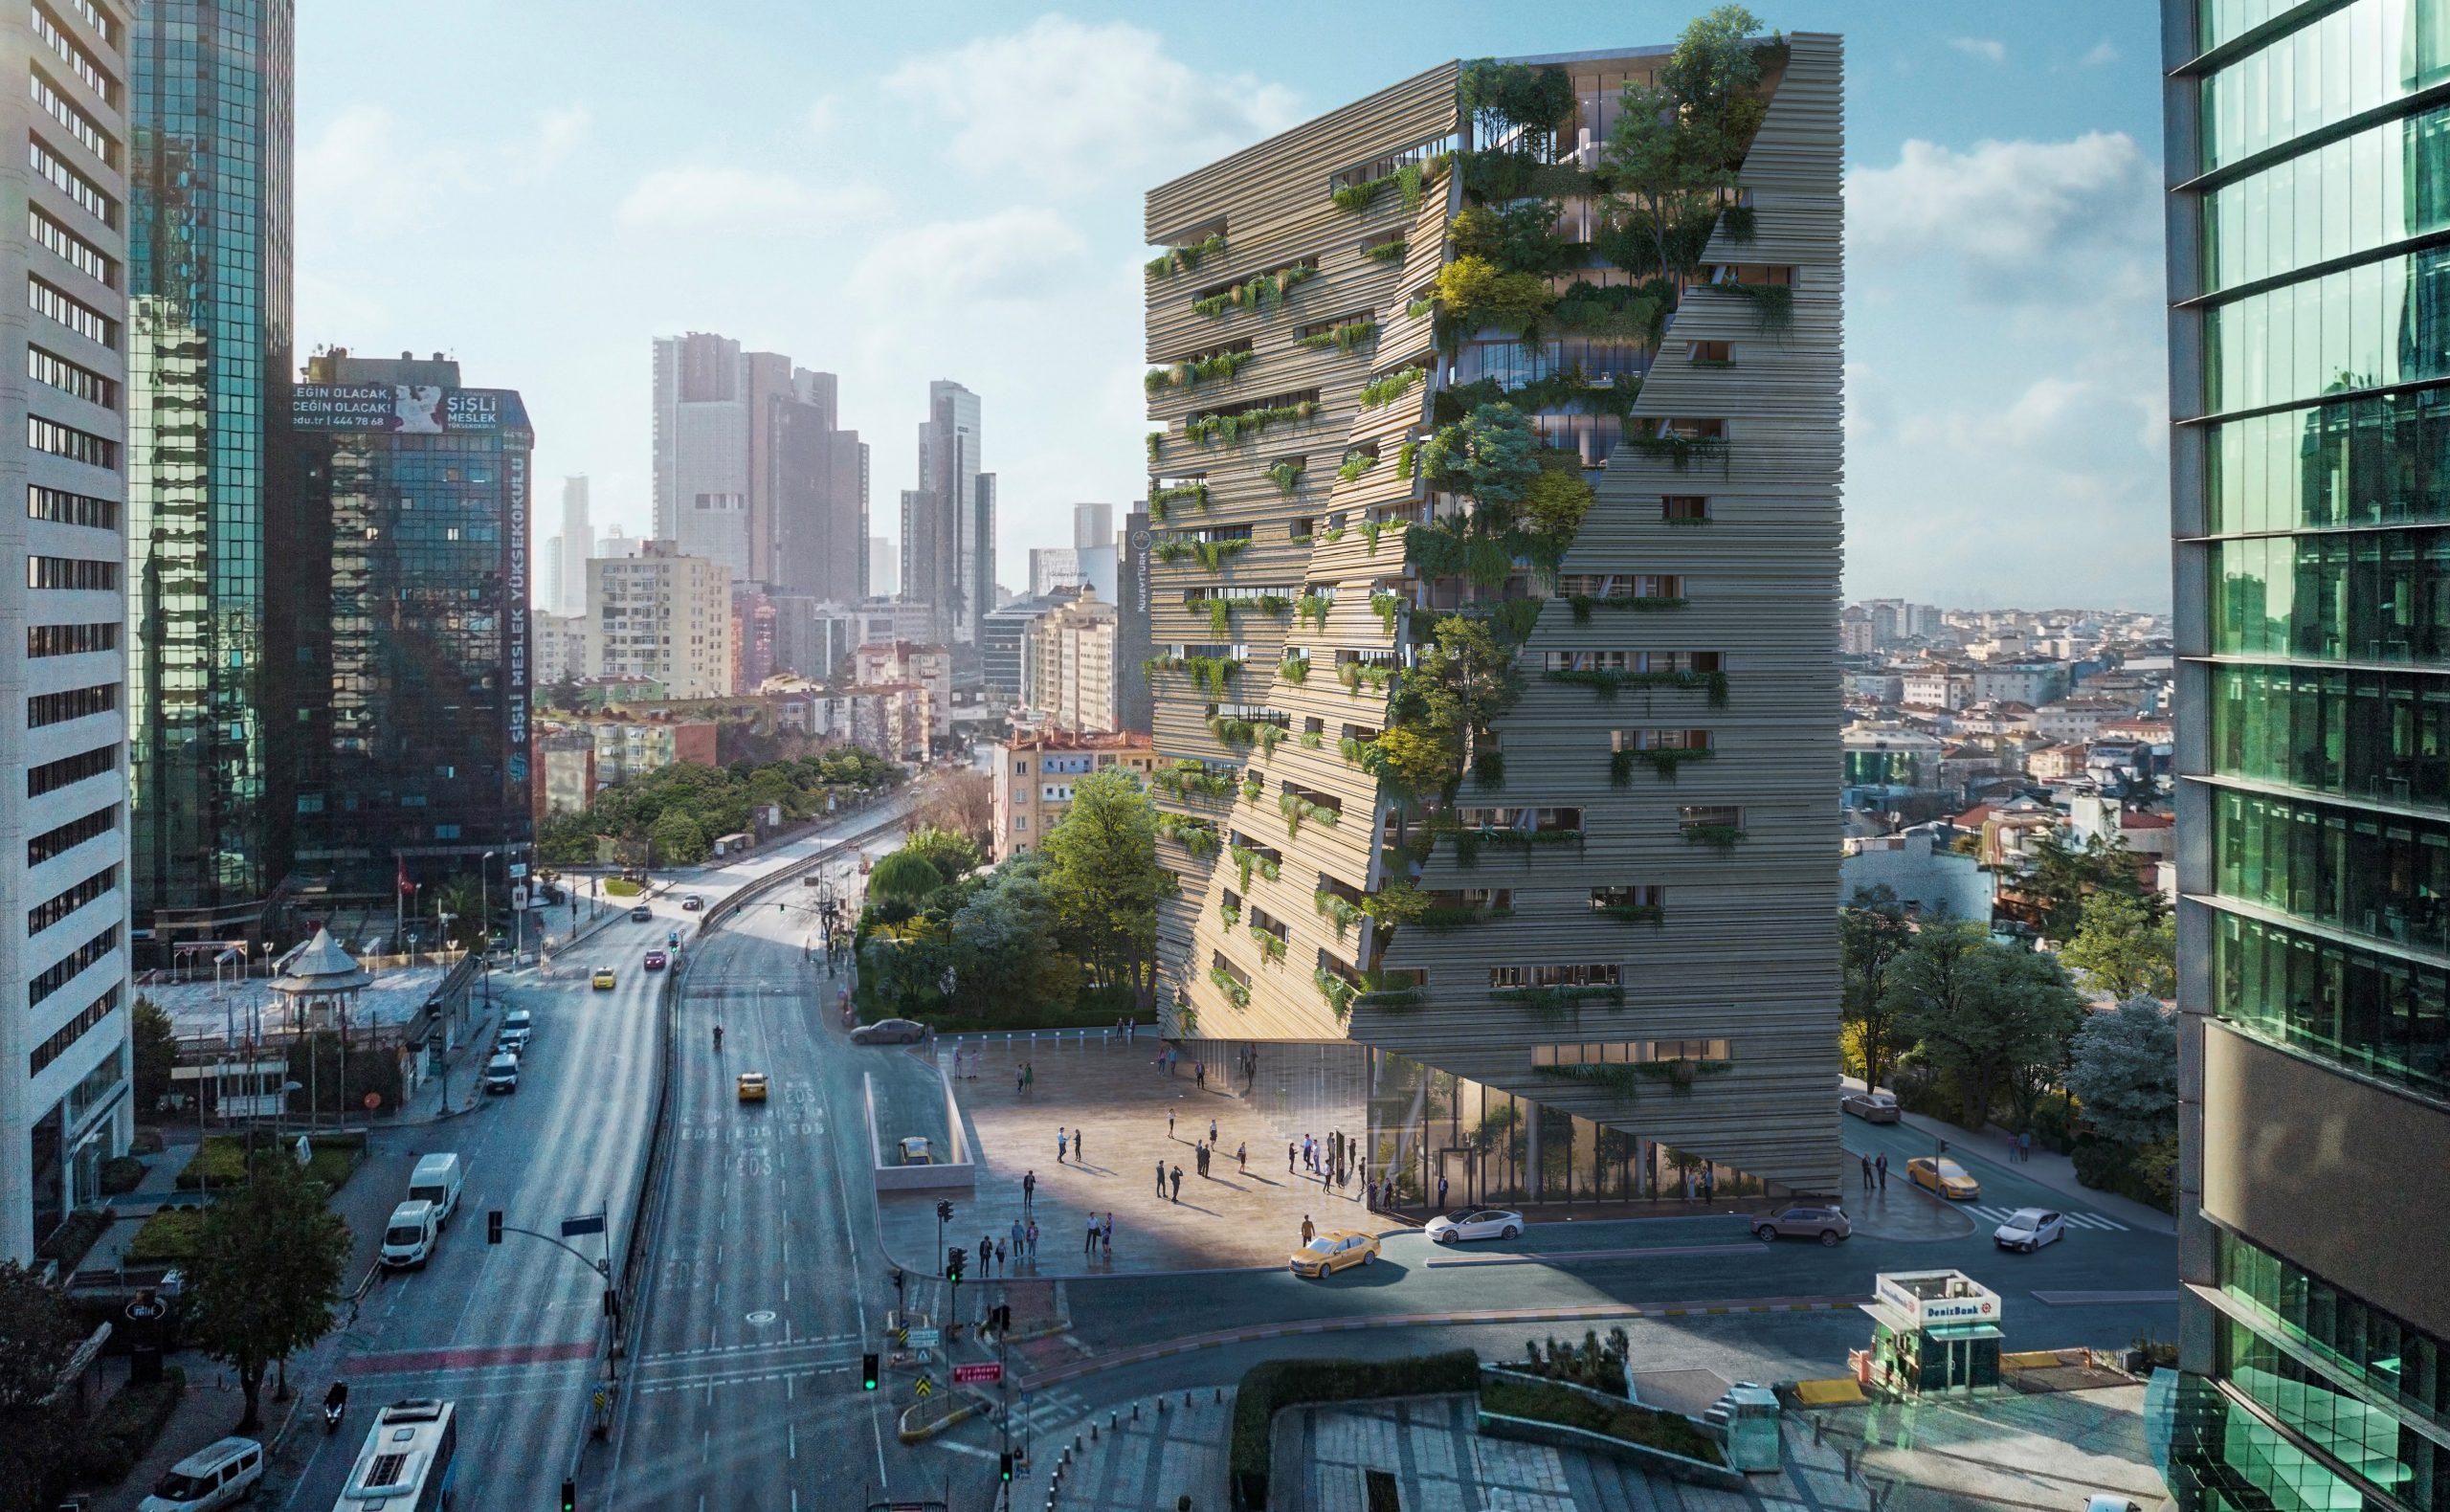 RMJM Milano Win Competition to Design Sanko Headquarters in Istanbul, Turkey